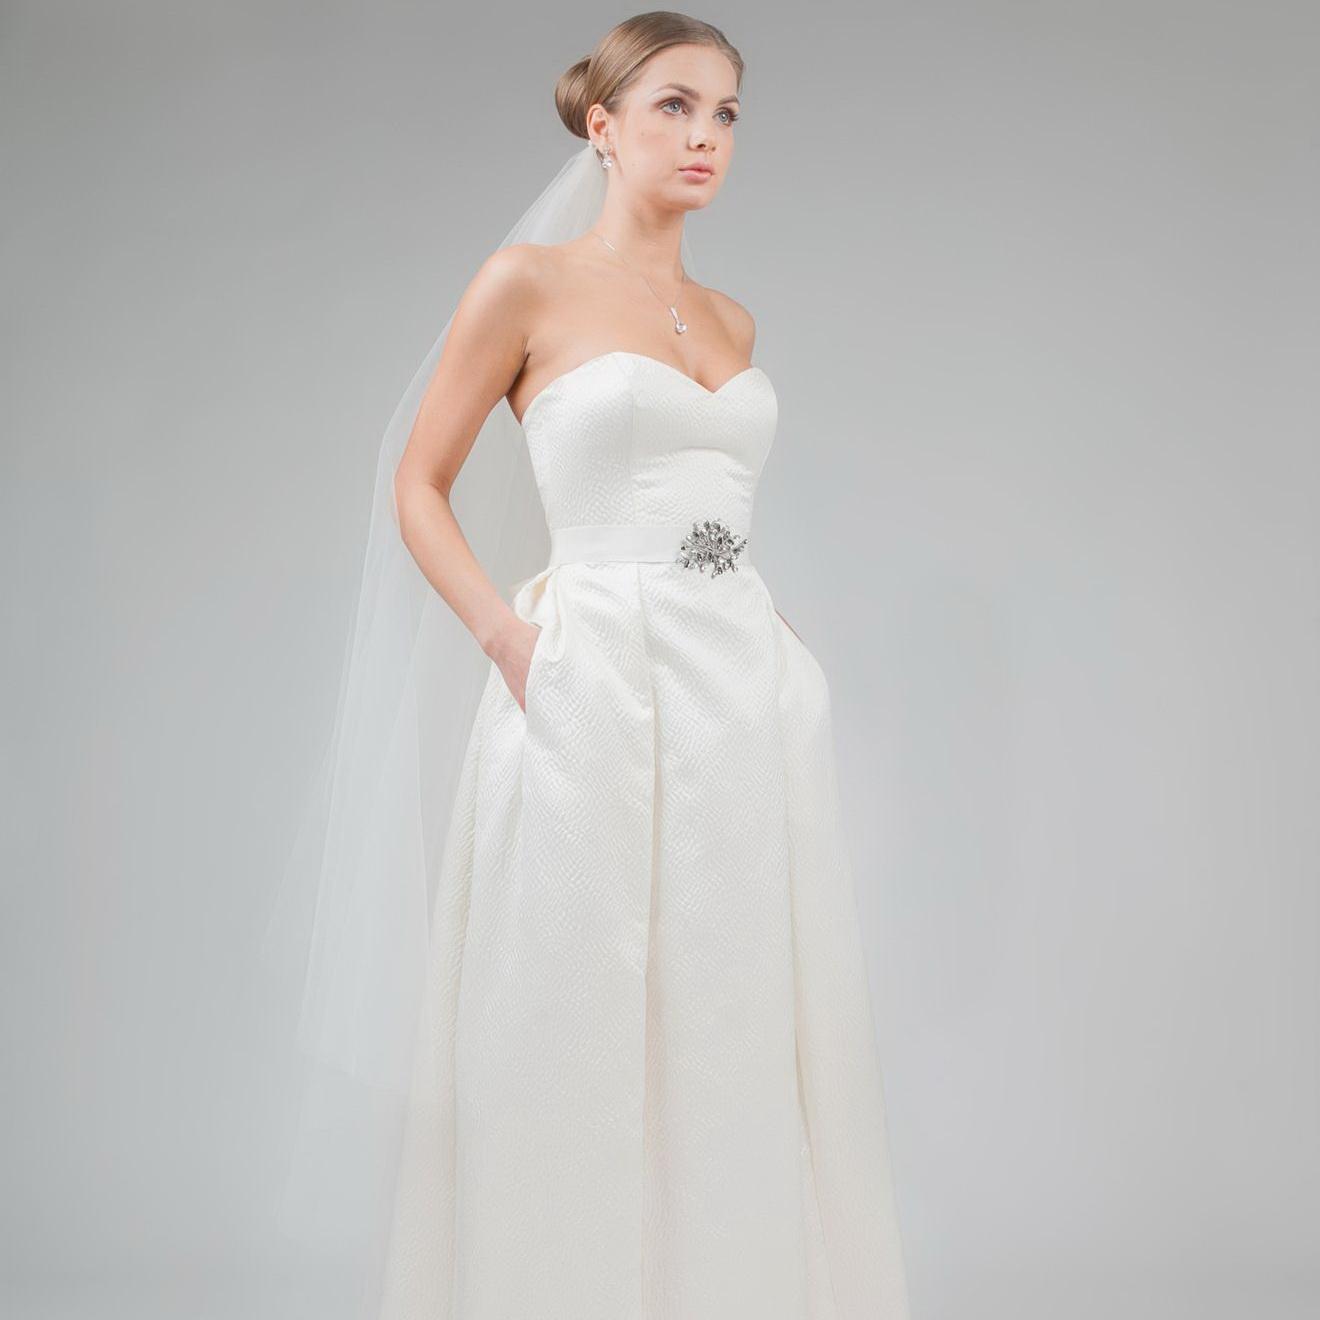 a51d890b0ea Свадебное платье из жаккарда. Фото  ldweddingculture.com